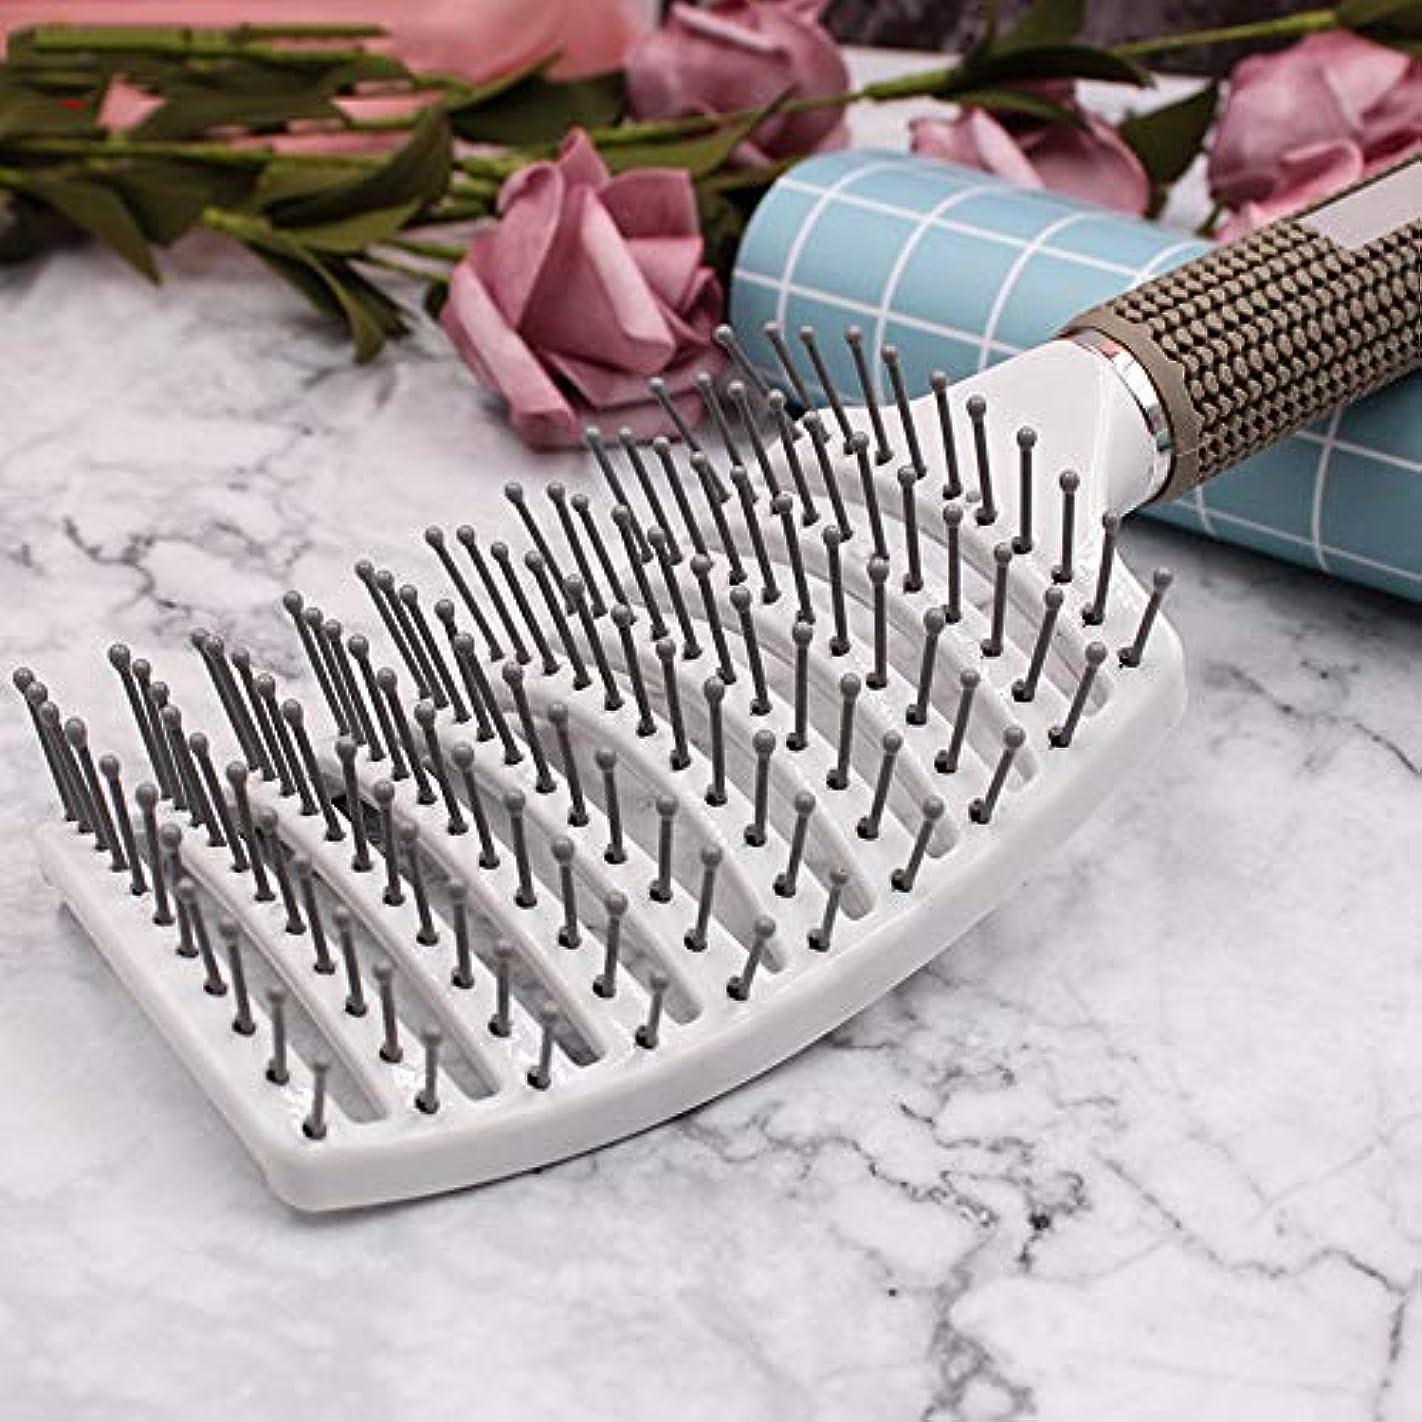 適応的抑制する真実ヘアブラシ帯電防止女性理髪大きな曲線櫛マッサージ大プレート櫛,White